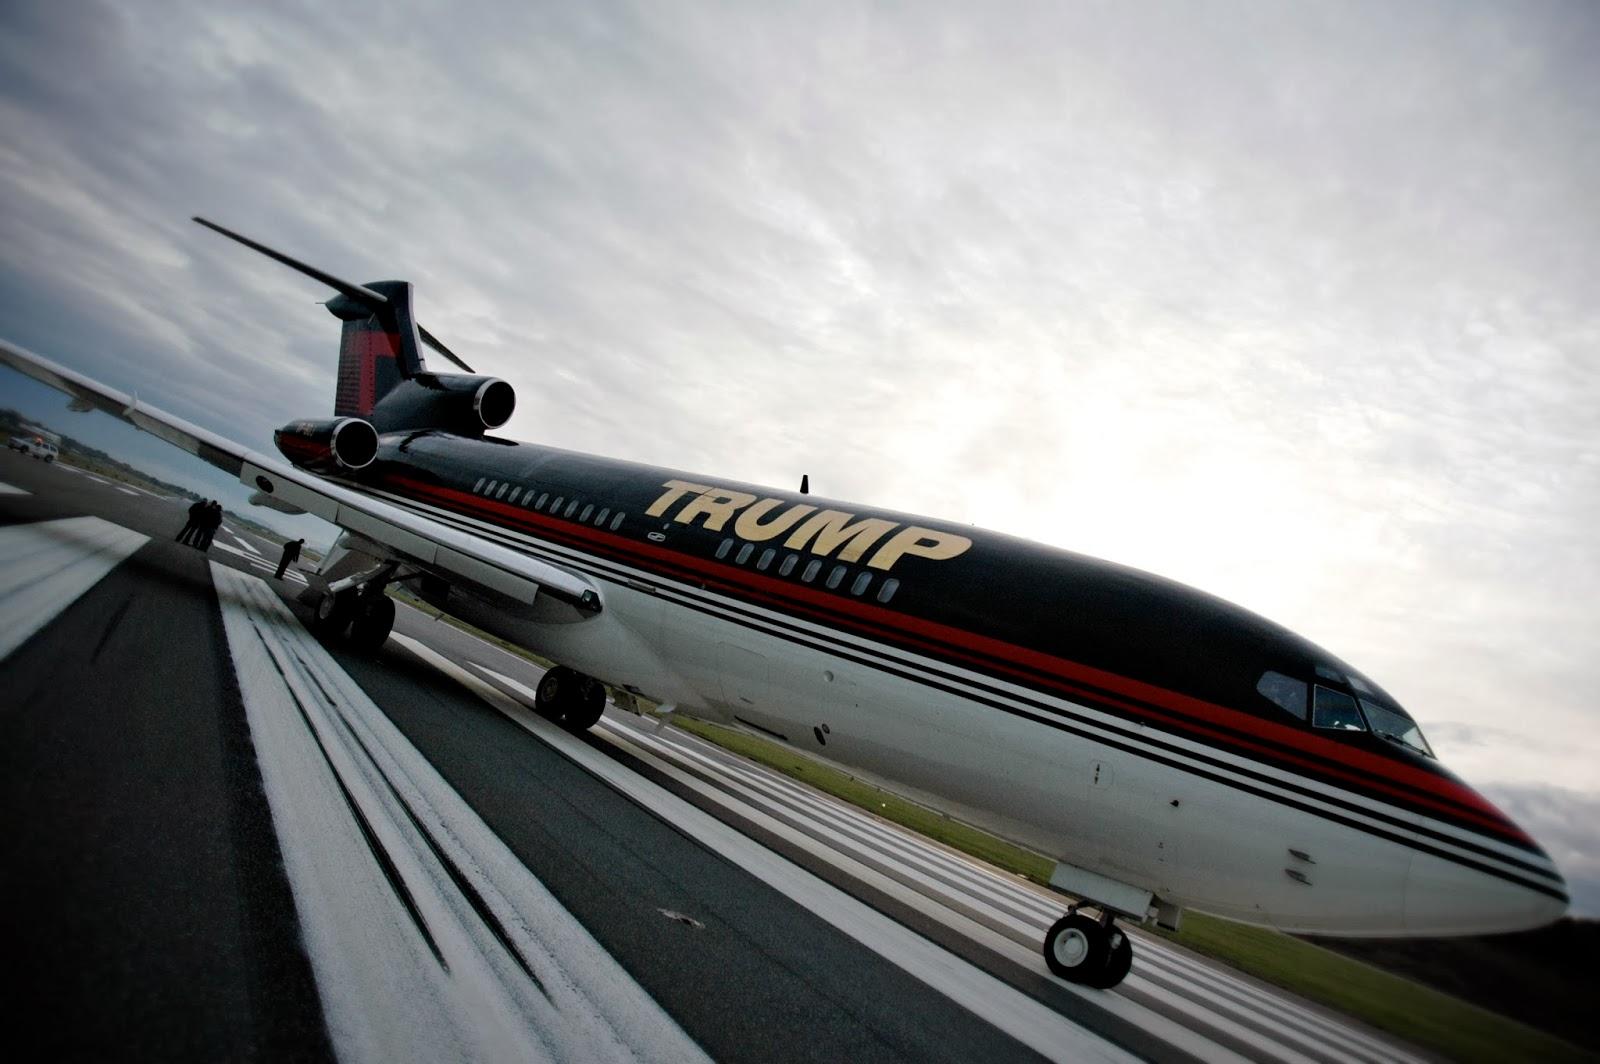 EM VALOR: CONHEÇA O AVIÃO DE US$ 100 MI DO BILIONÁRIO DONALD TRUMP #7D6C4E 1600x1064 Banheiro De Avião